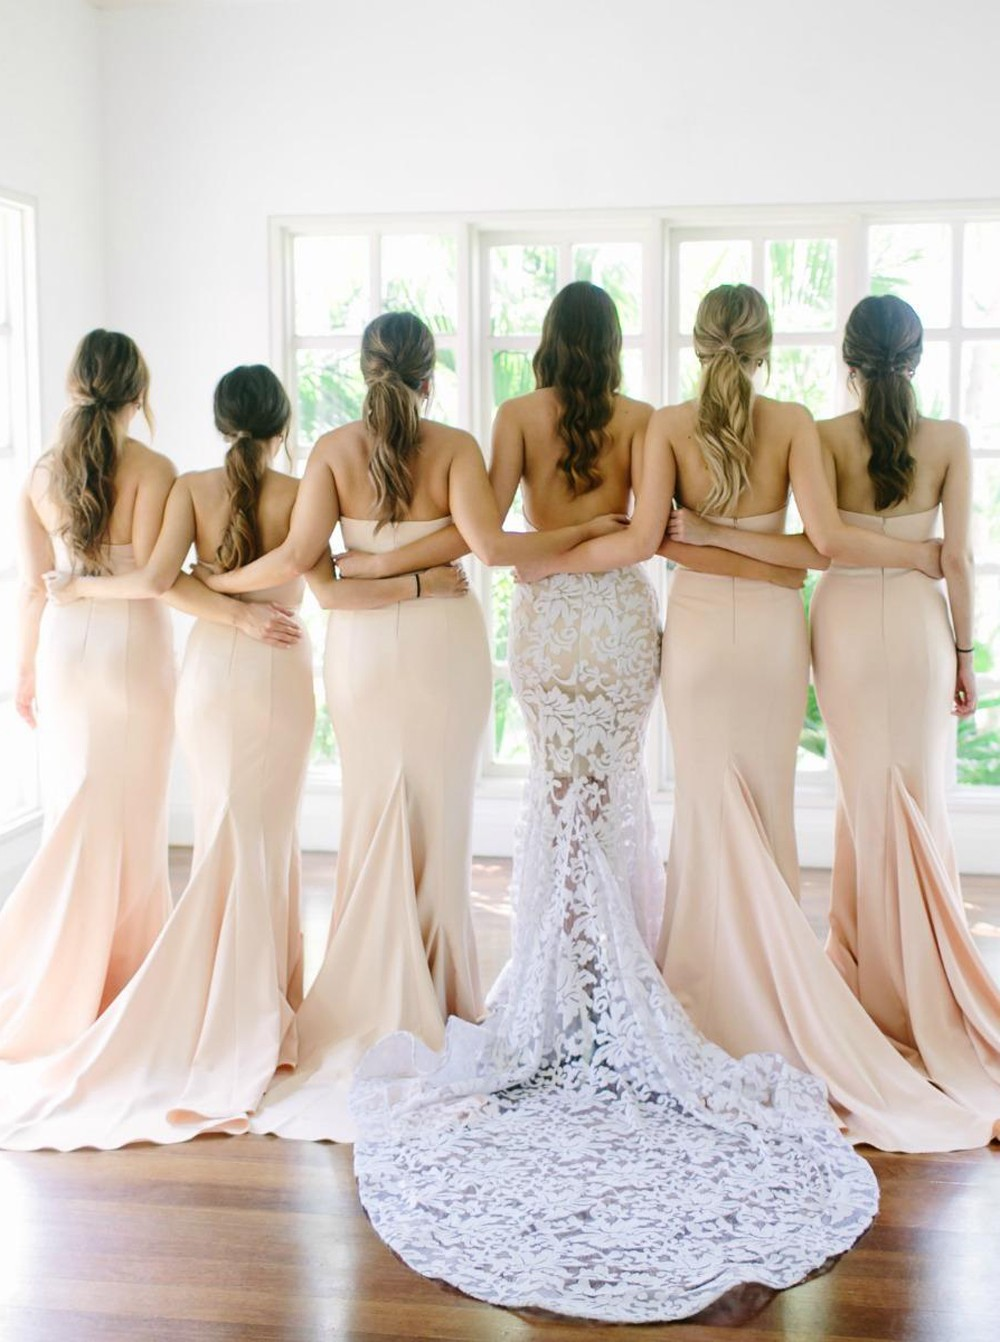 e229da3a1811 Buy Peach Bridesmaid Dresses